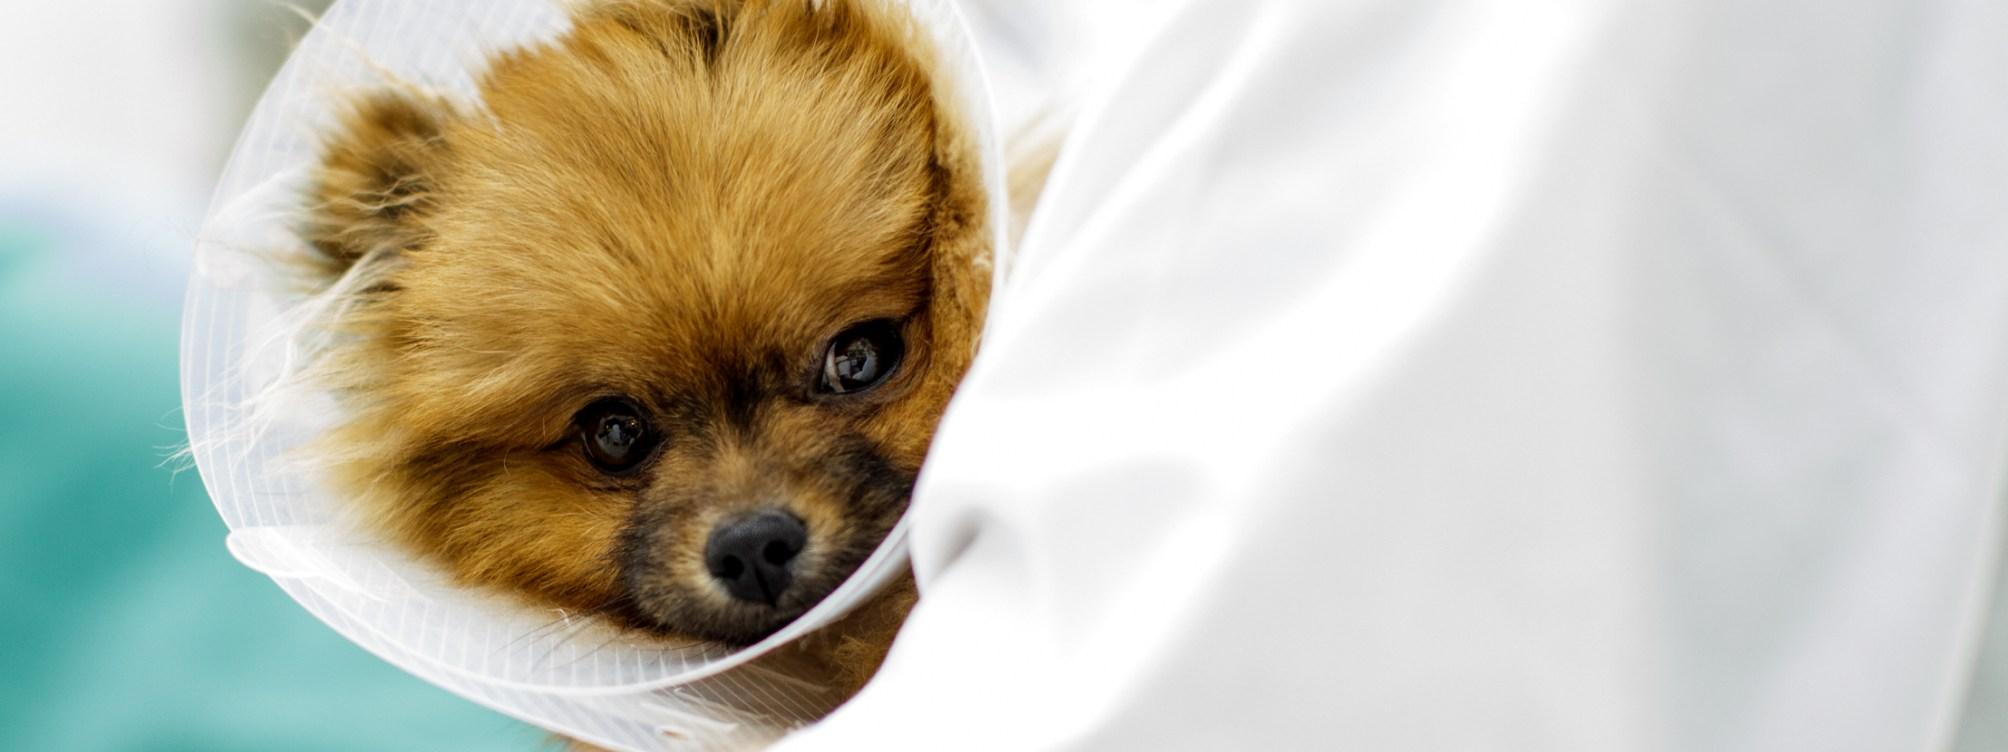 Smådyrklinikken på Adamstuen, NMBU. På bildet: Hunden Prince (pomeranian) med krave. Eier: Victoria Uthus.